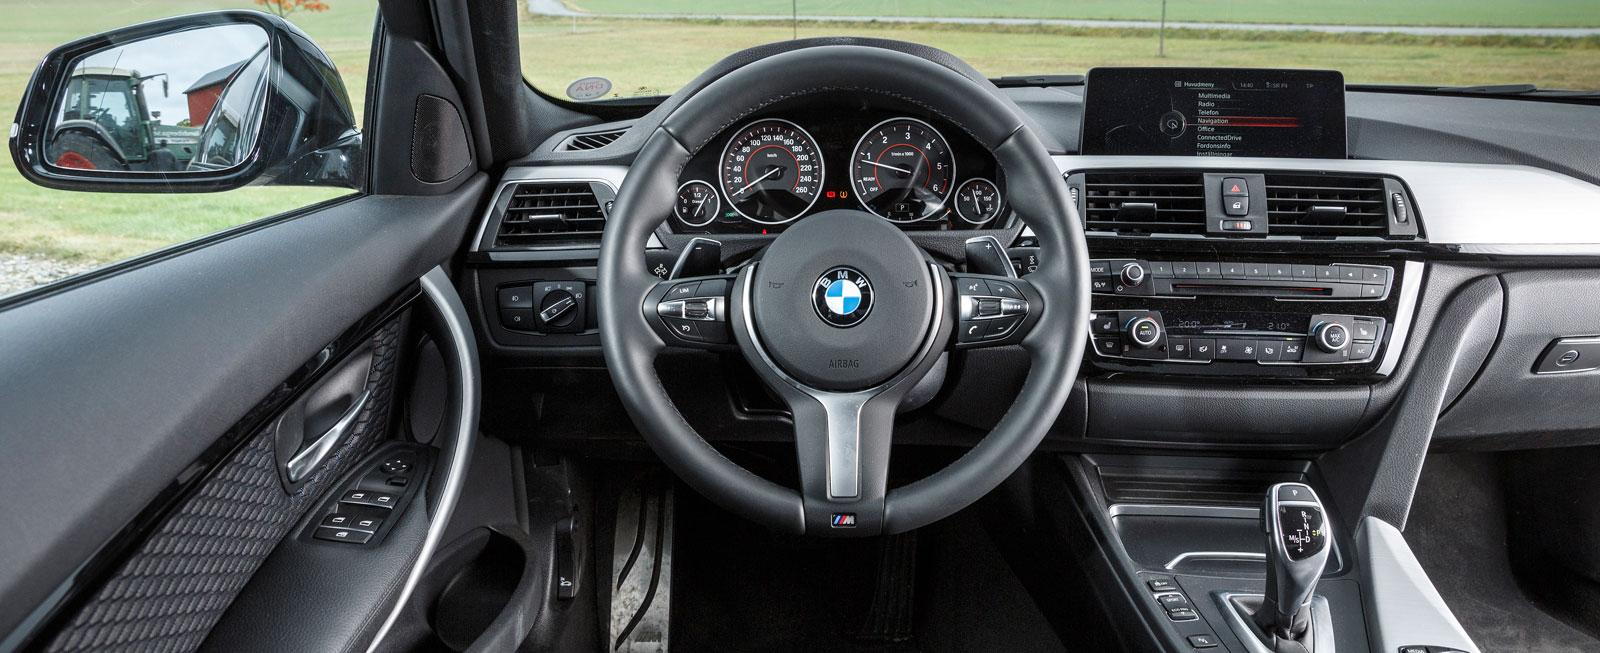 BMW, liksom. Uppläggningen och designen ändras måttligt mellan generationerna, ergonomi, finish och materialval håller utmärkt klass.